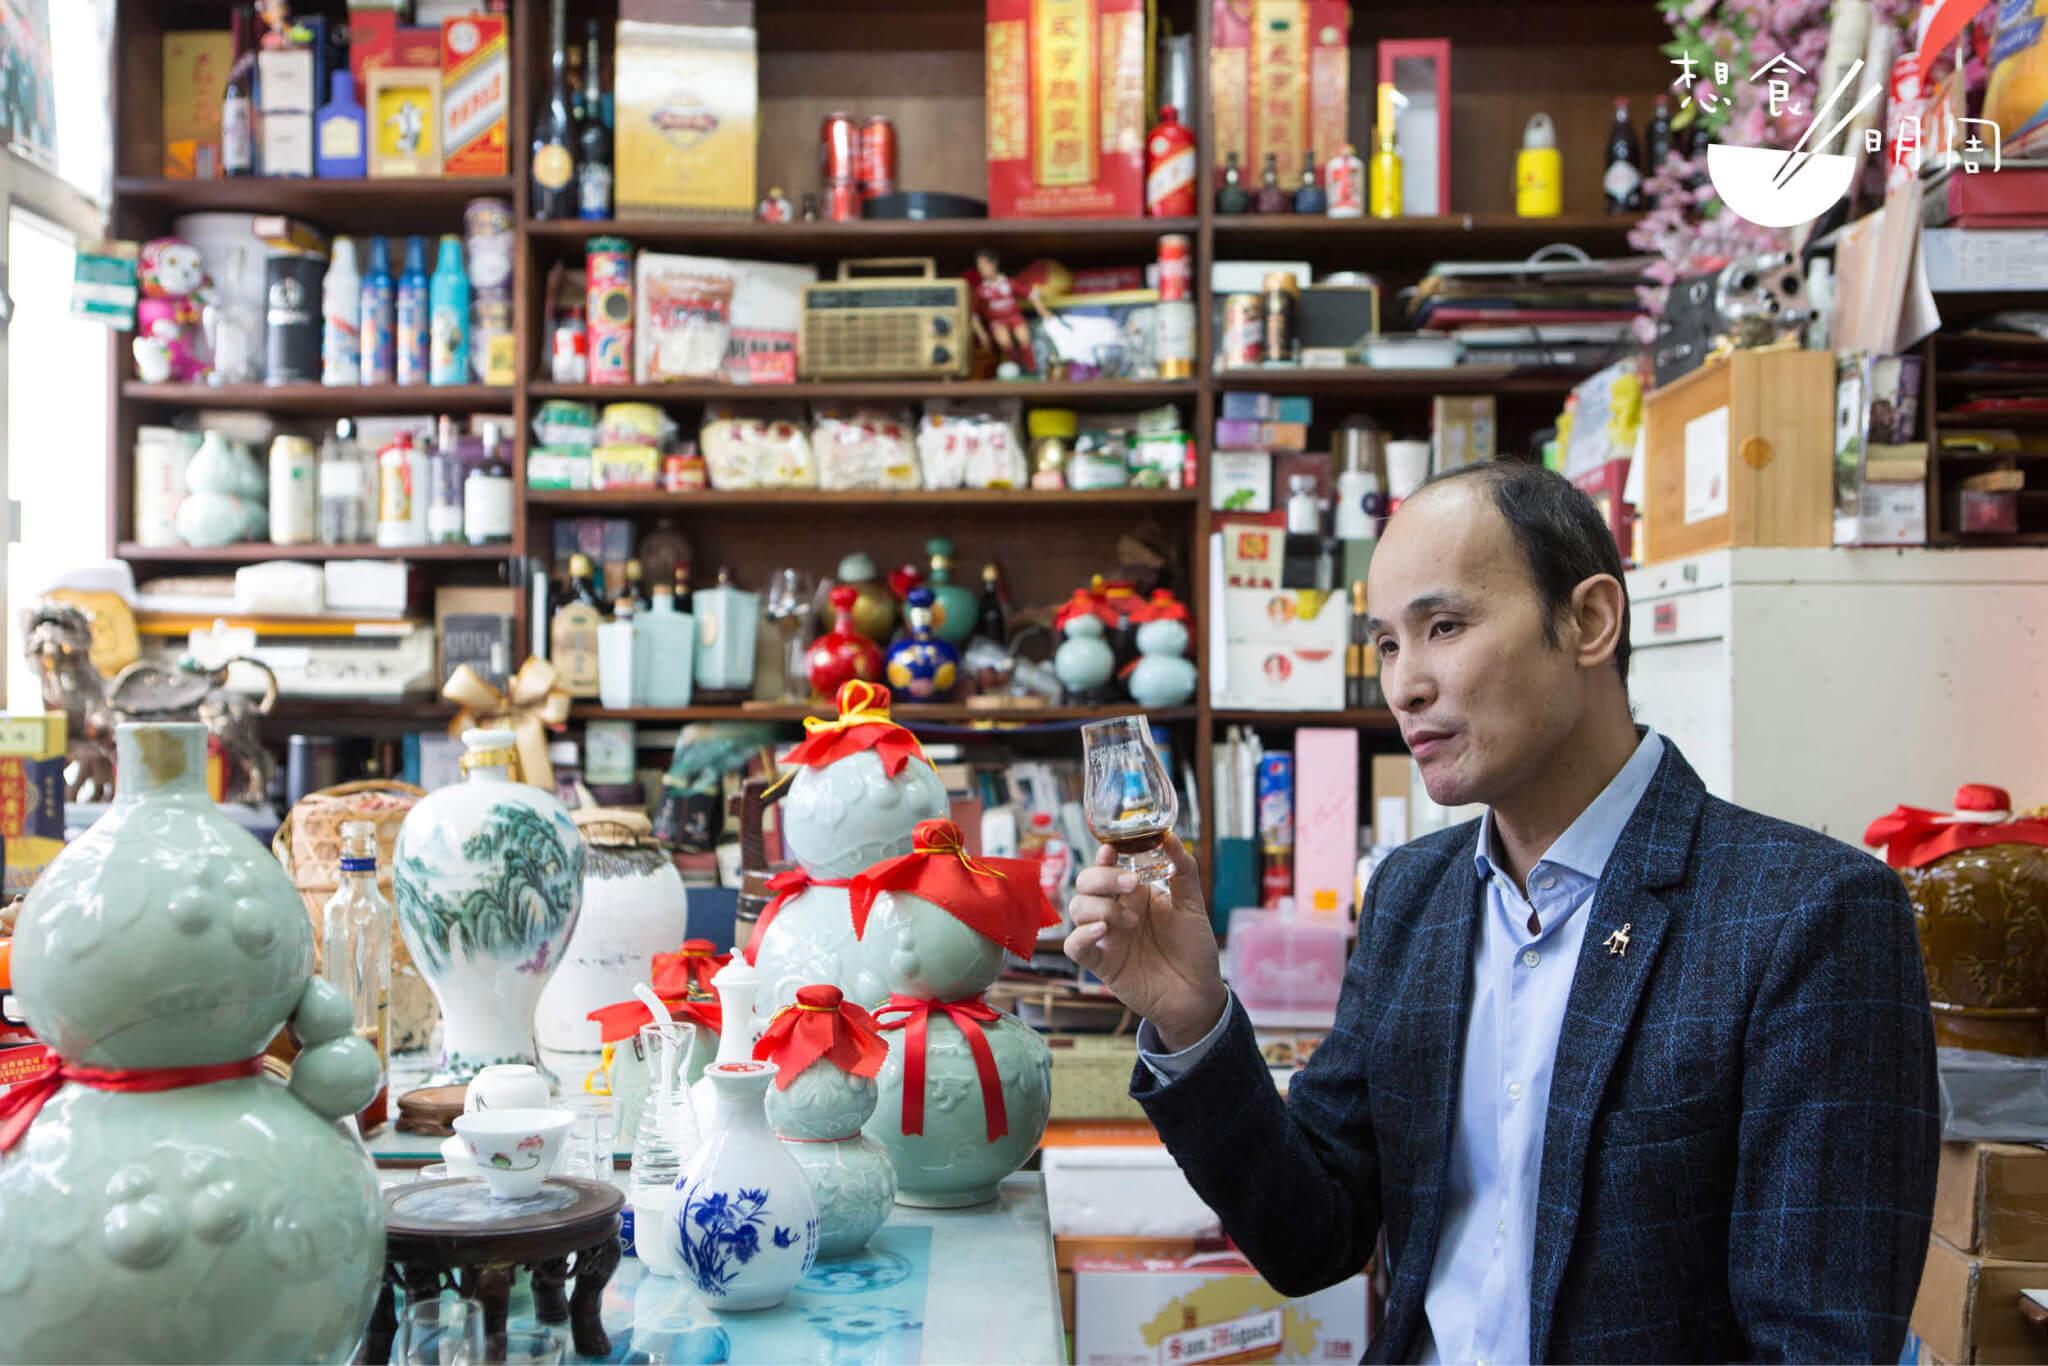 李豐年是通泰行第三代掌舵人,五年前引進咸亨,是為內地新崛起的花雕品牌。身後不同包裝、不同版本的酒,都是咸亨。